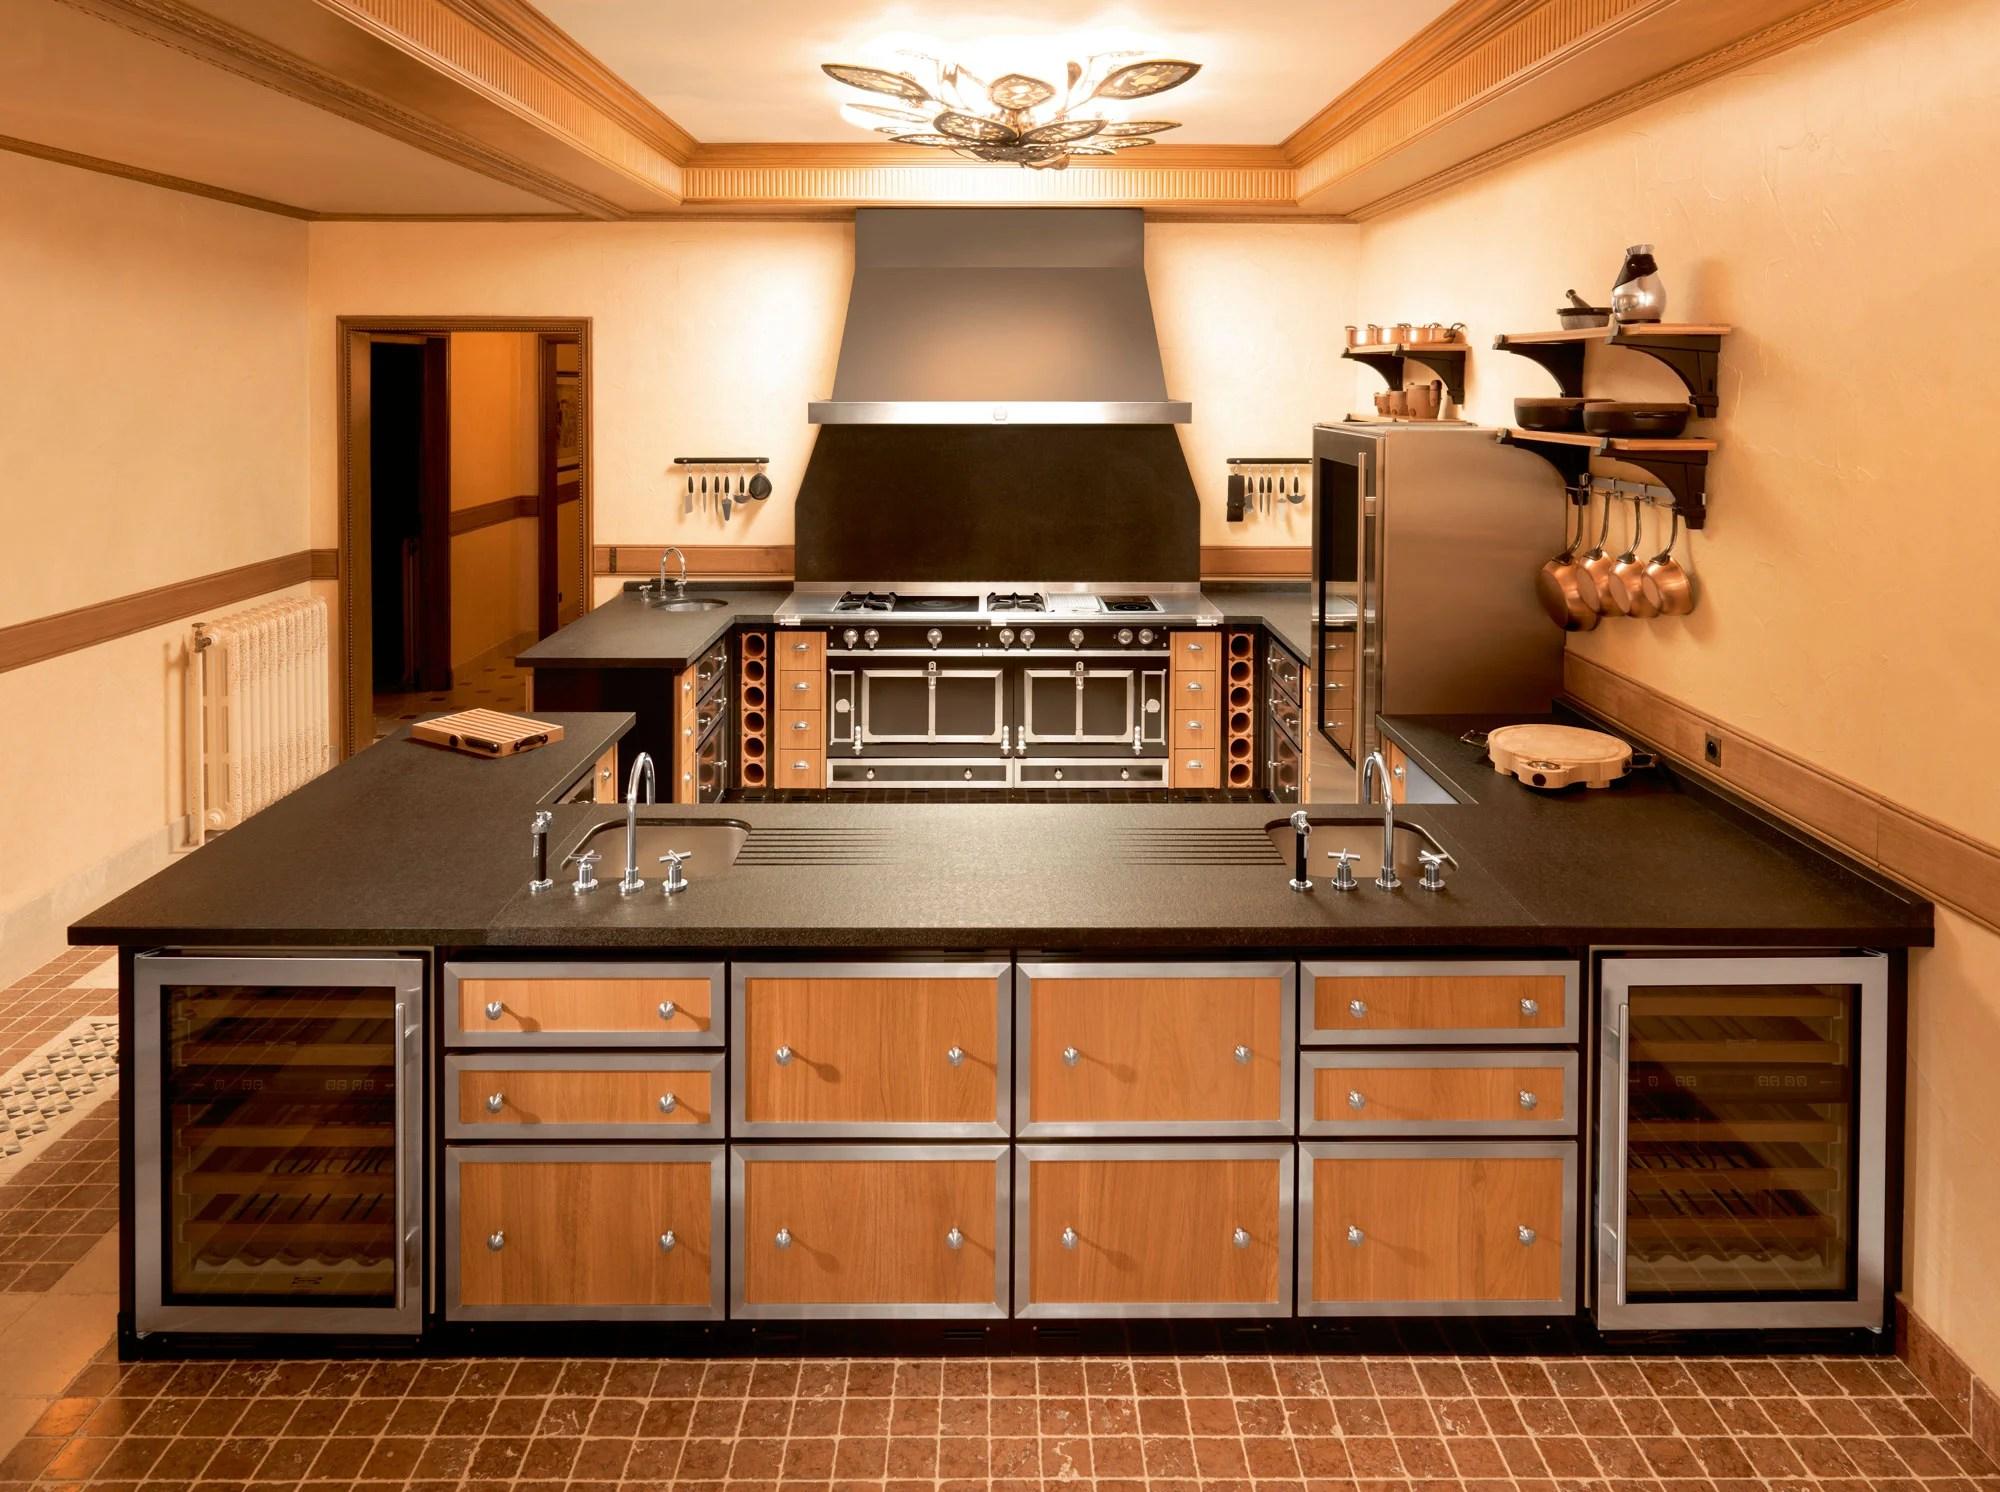 la cornue kitchen commercial refrigerator archivos www gunnitrentino es cocinas